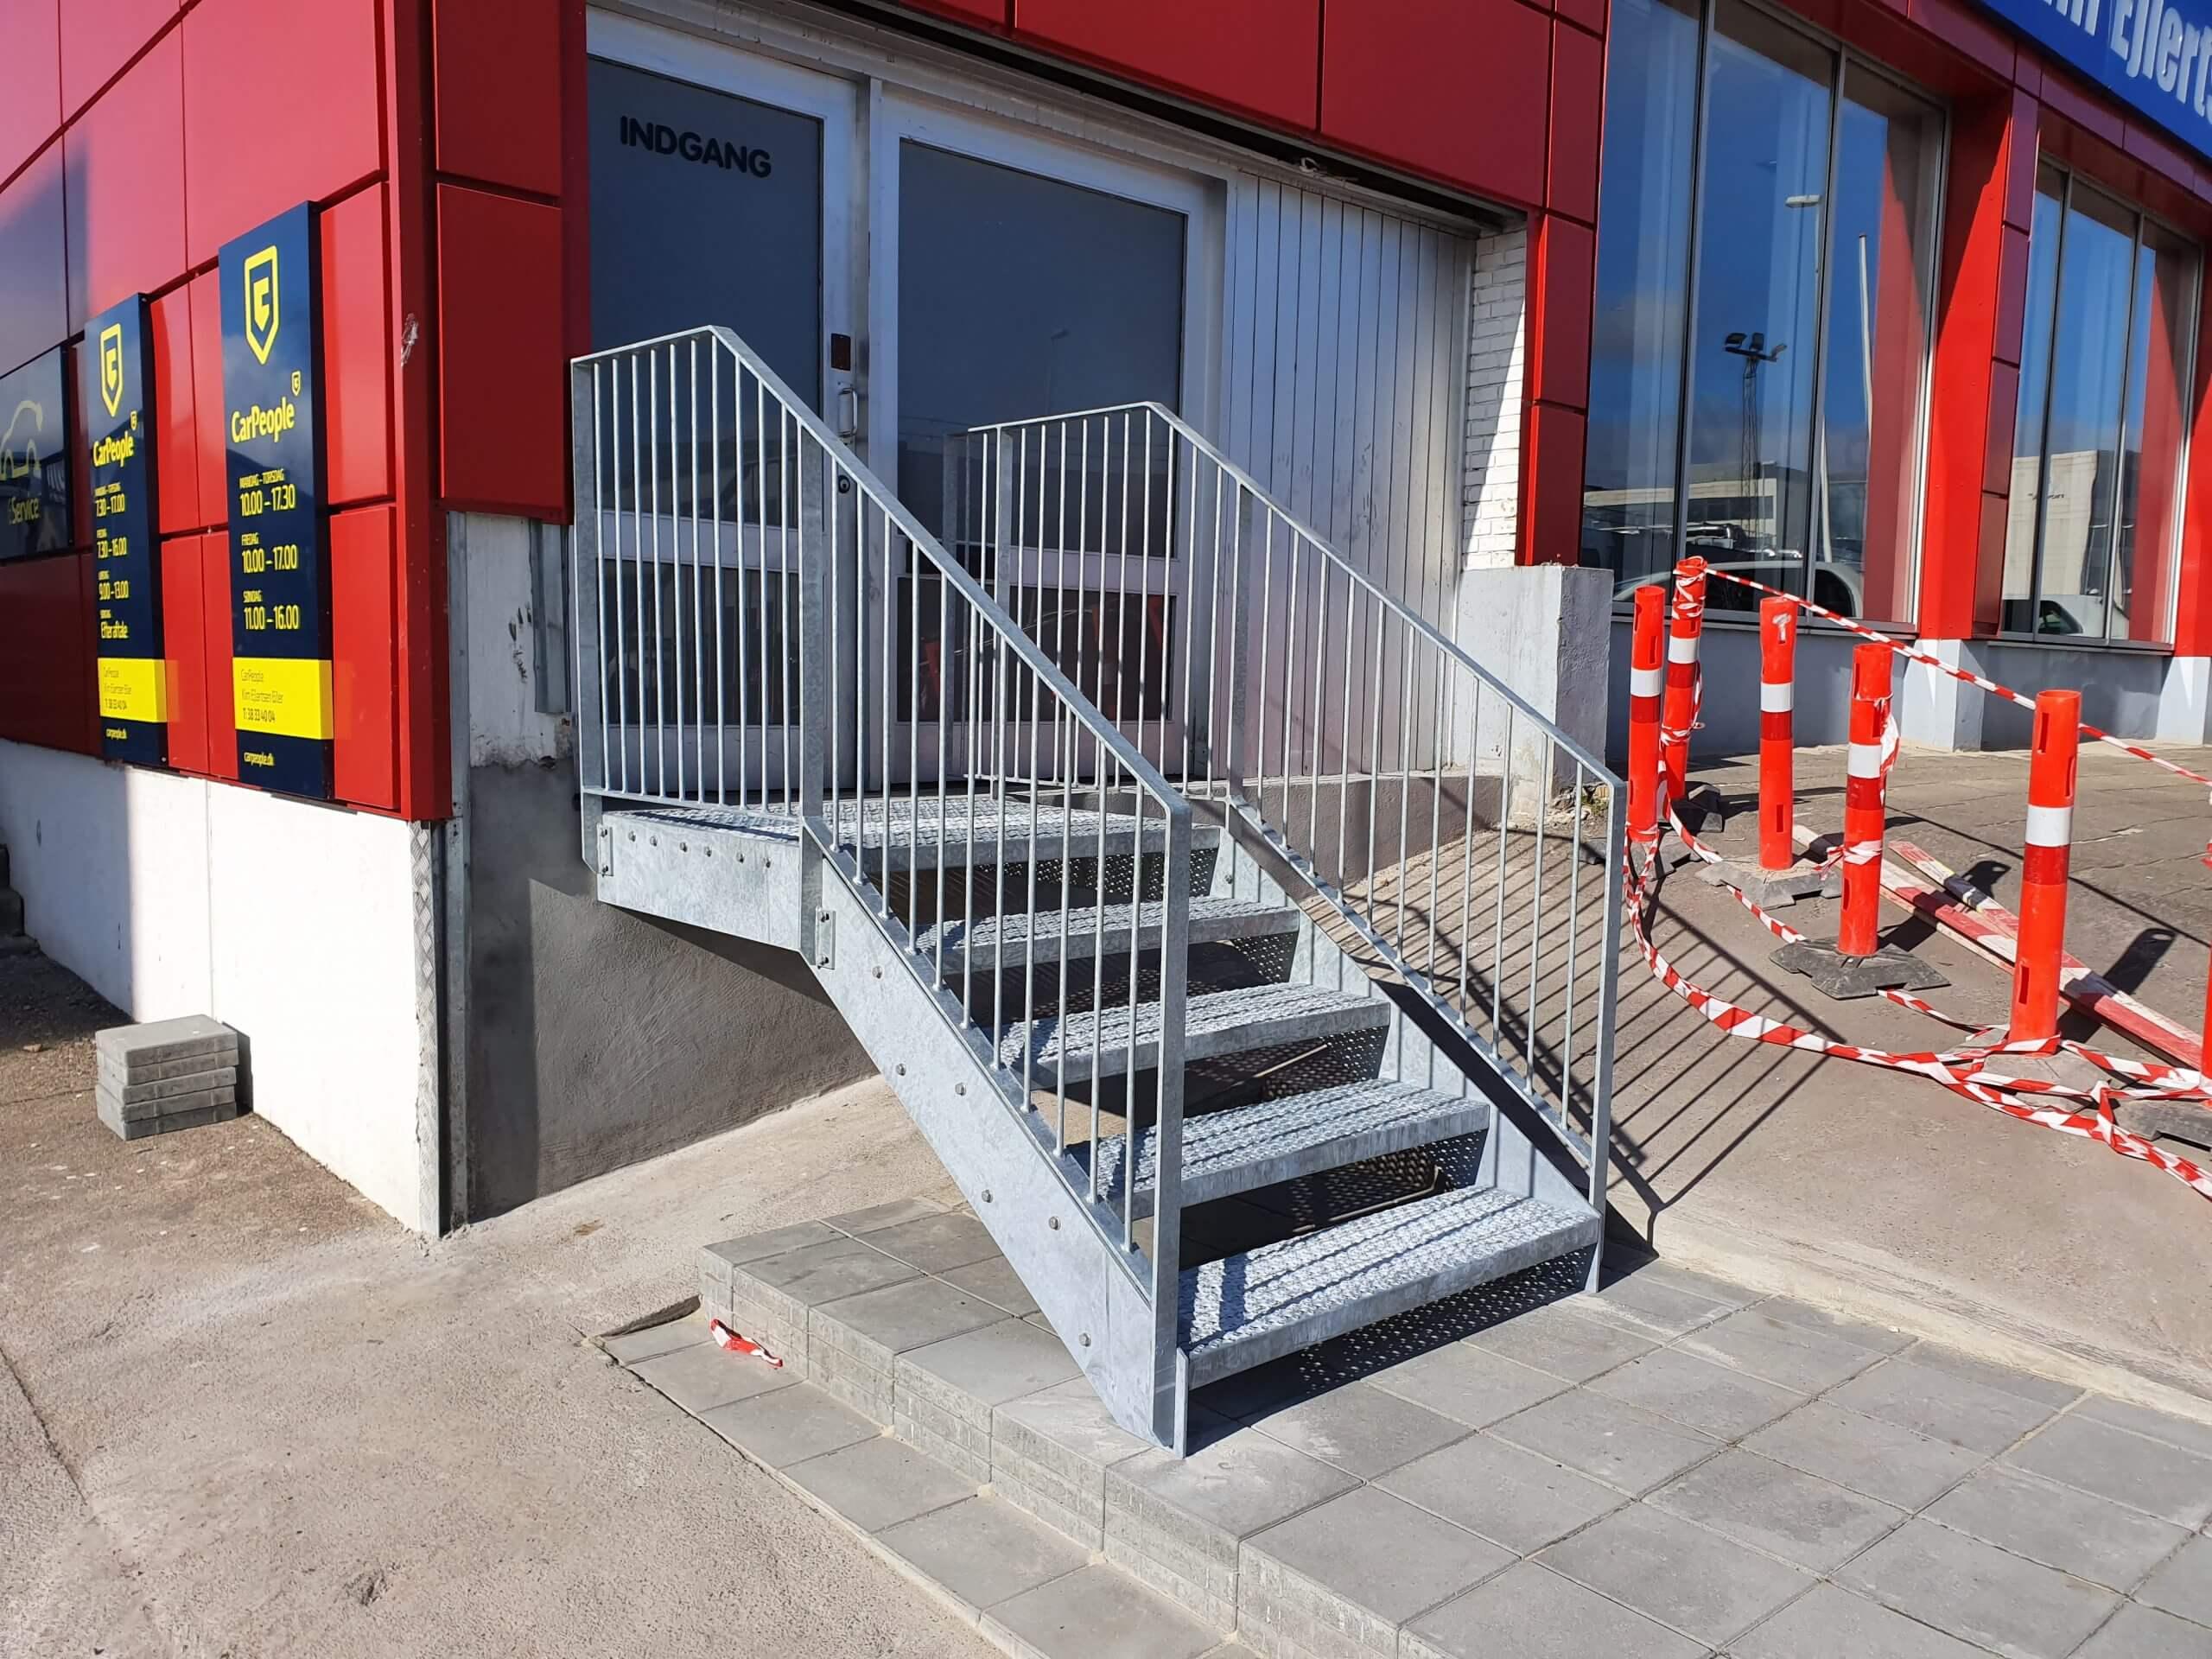 Gelænder og Rækværk på trappe indgang